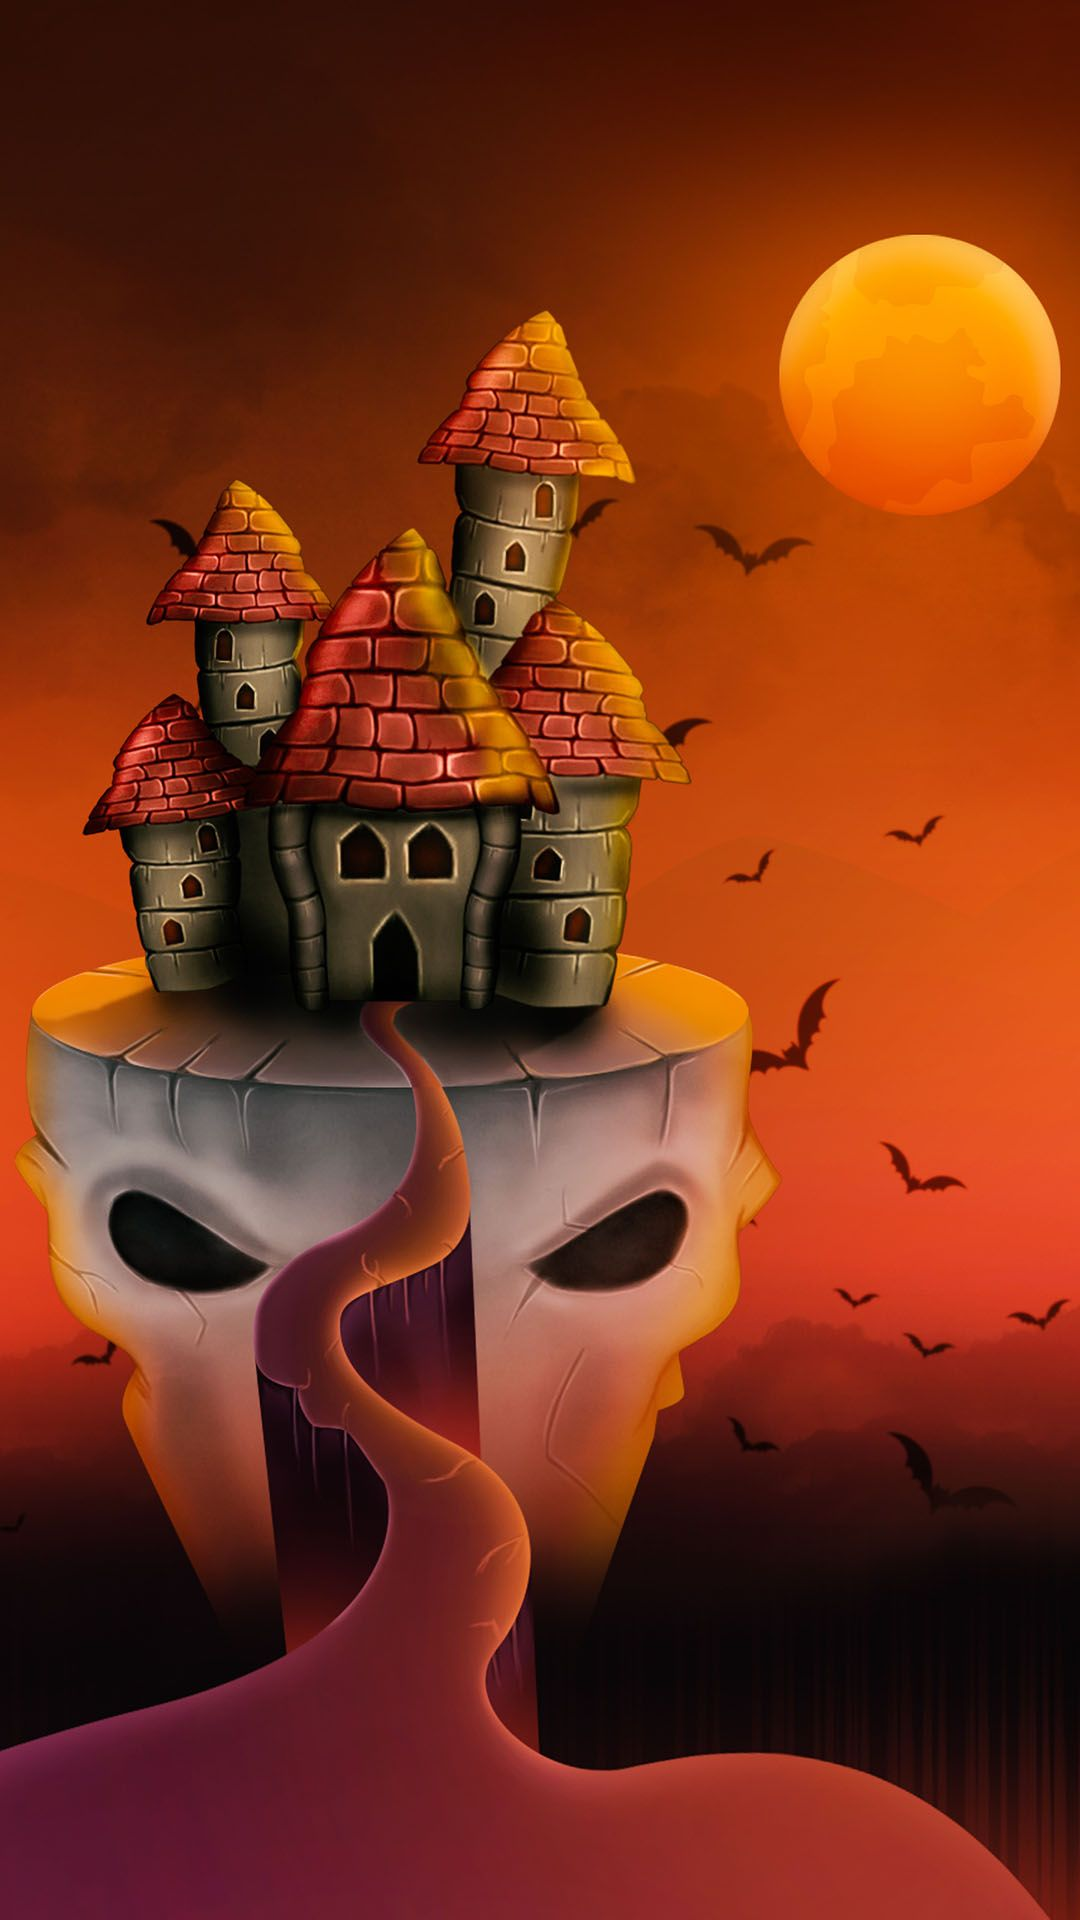 HD Wallpaper 26 Halloween wallpaper, Wallpaper